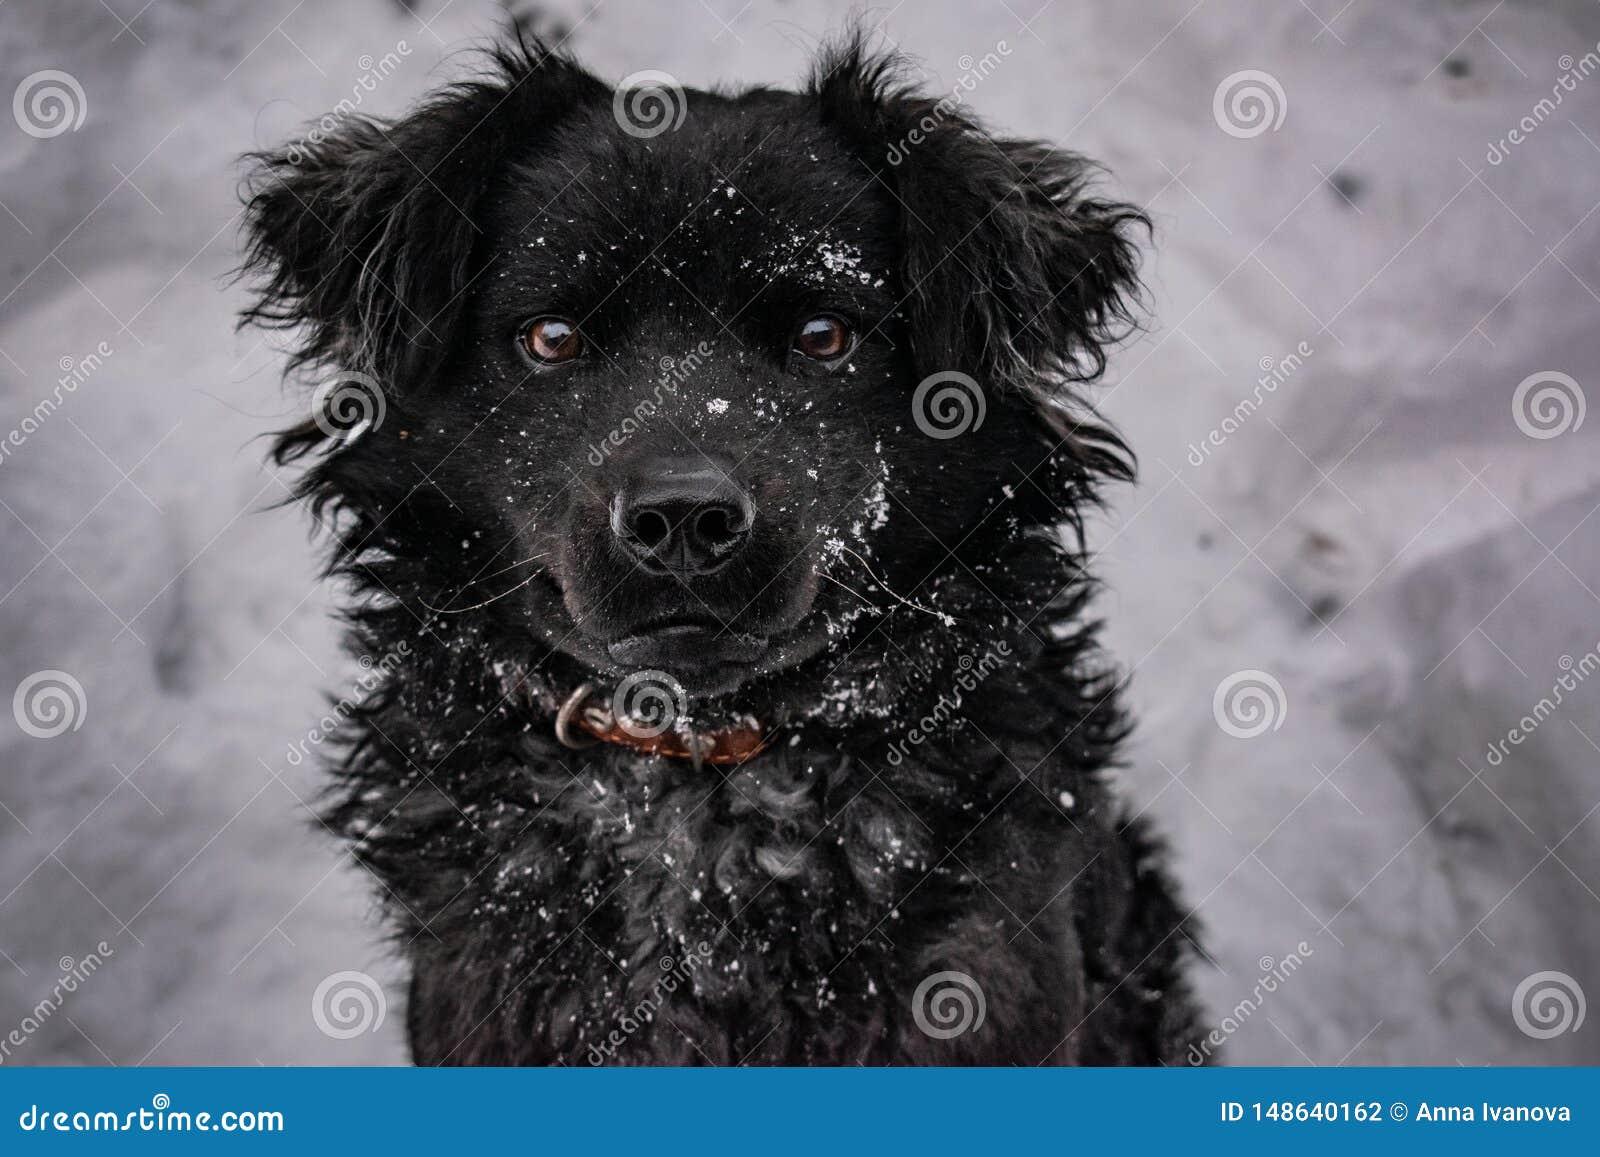 Zwarte yardhond, met ruwharig haar, Retriever De winter, ijzig weer en heel wat witte sneeuw